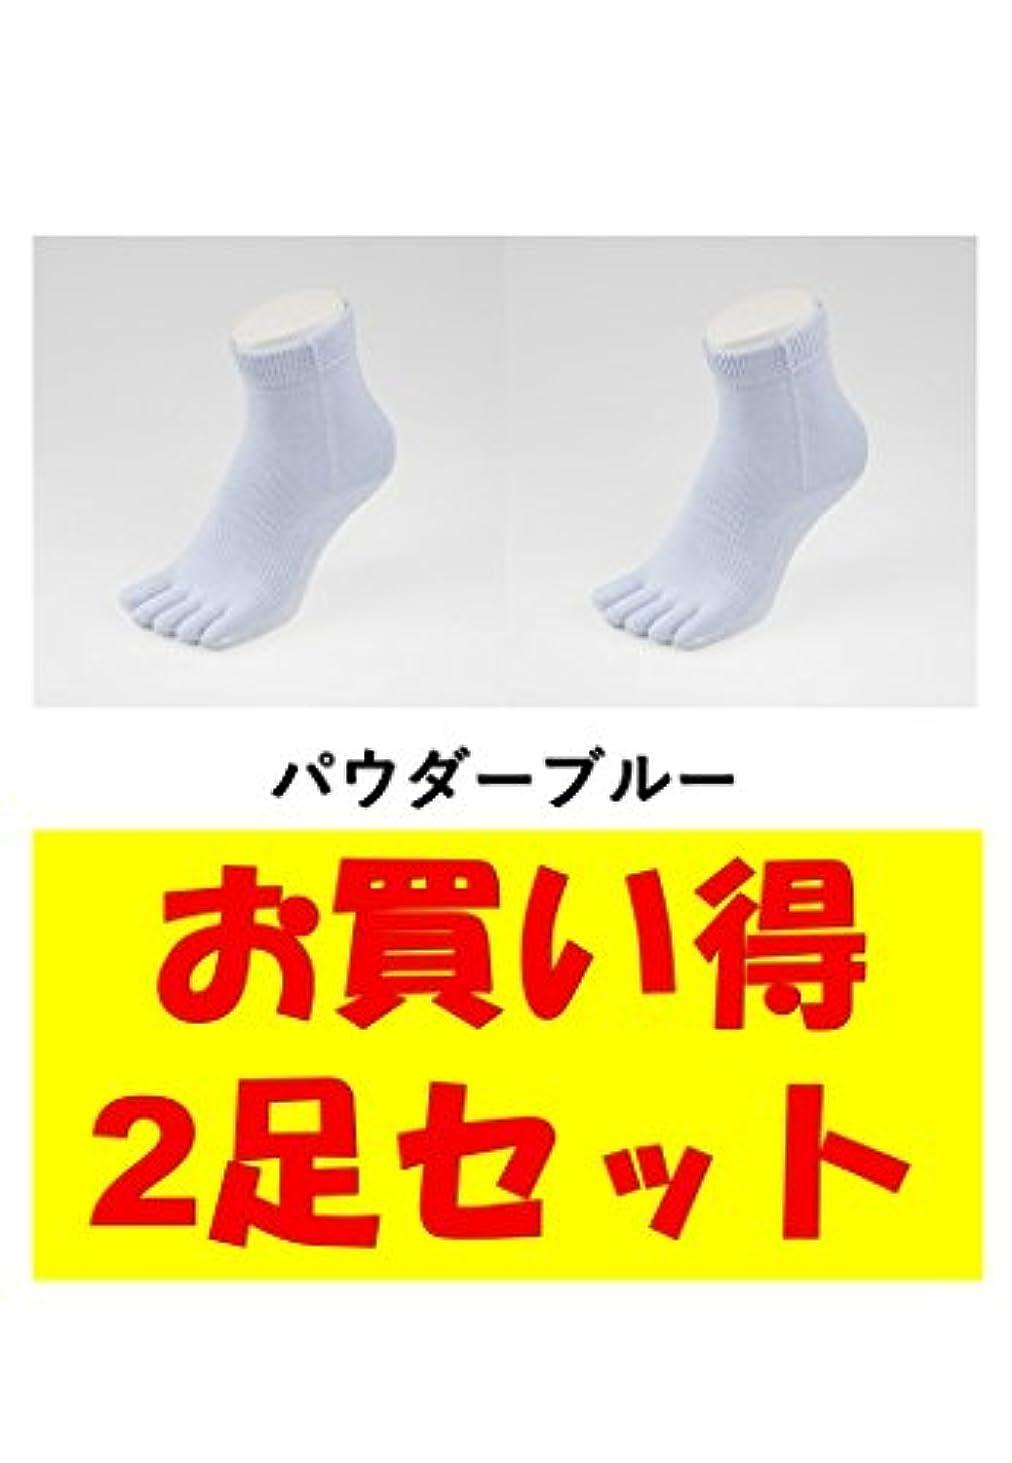 一口ジョージエリオット韓国お買い得2足セット 5本指 ゆびのばソックス Neo EVE(イヴ) パウダーブルー iサイズ(23.5cm - 25.5cm) YSNEVE-PBL